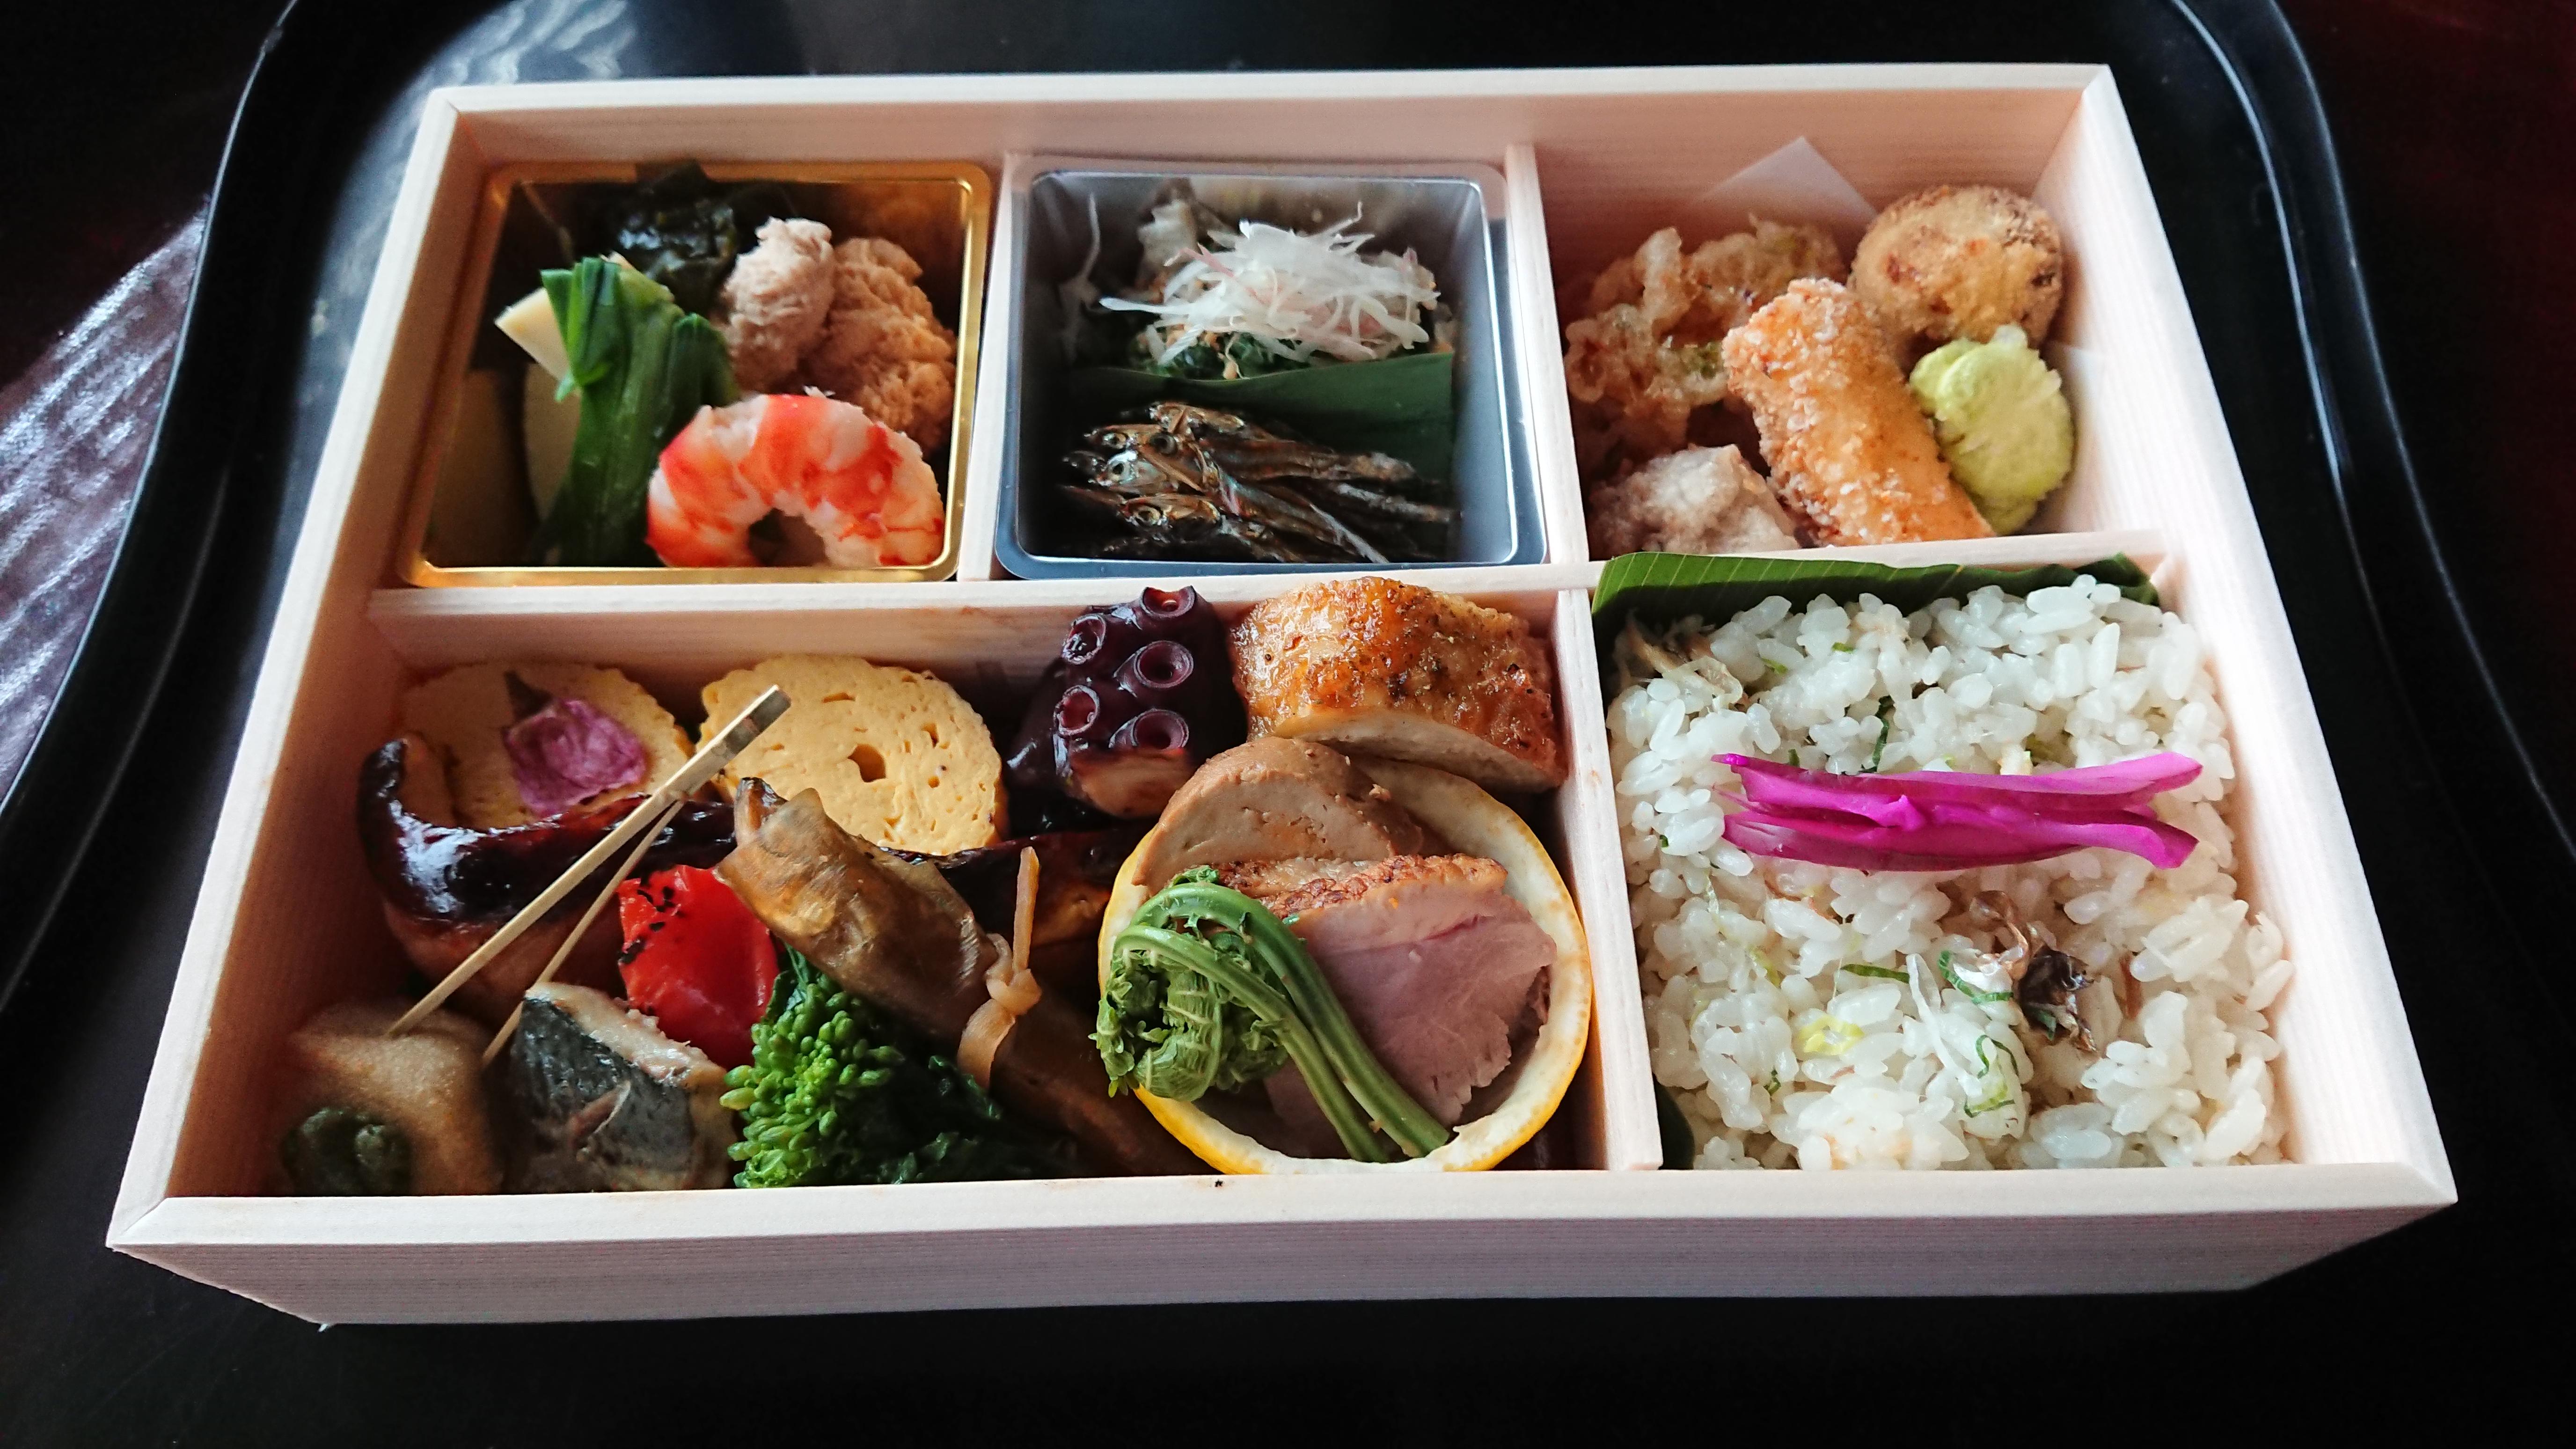 http://www.karyo-kyoto.jp/gion/info/images/DSC_1570%20%281%29.JPG